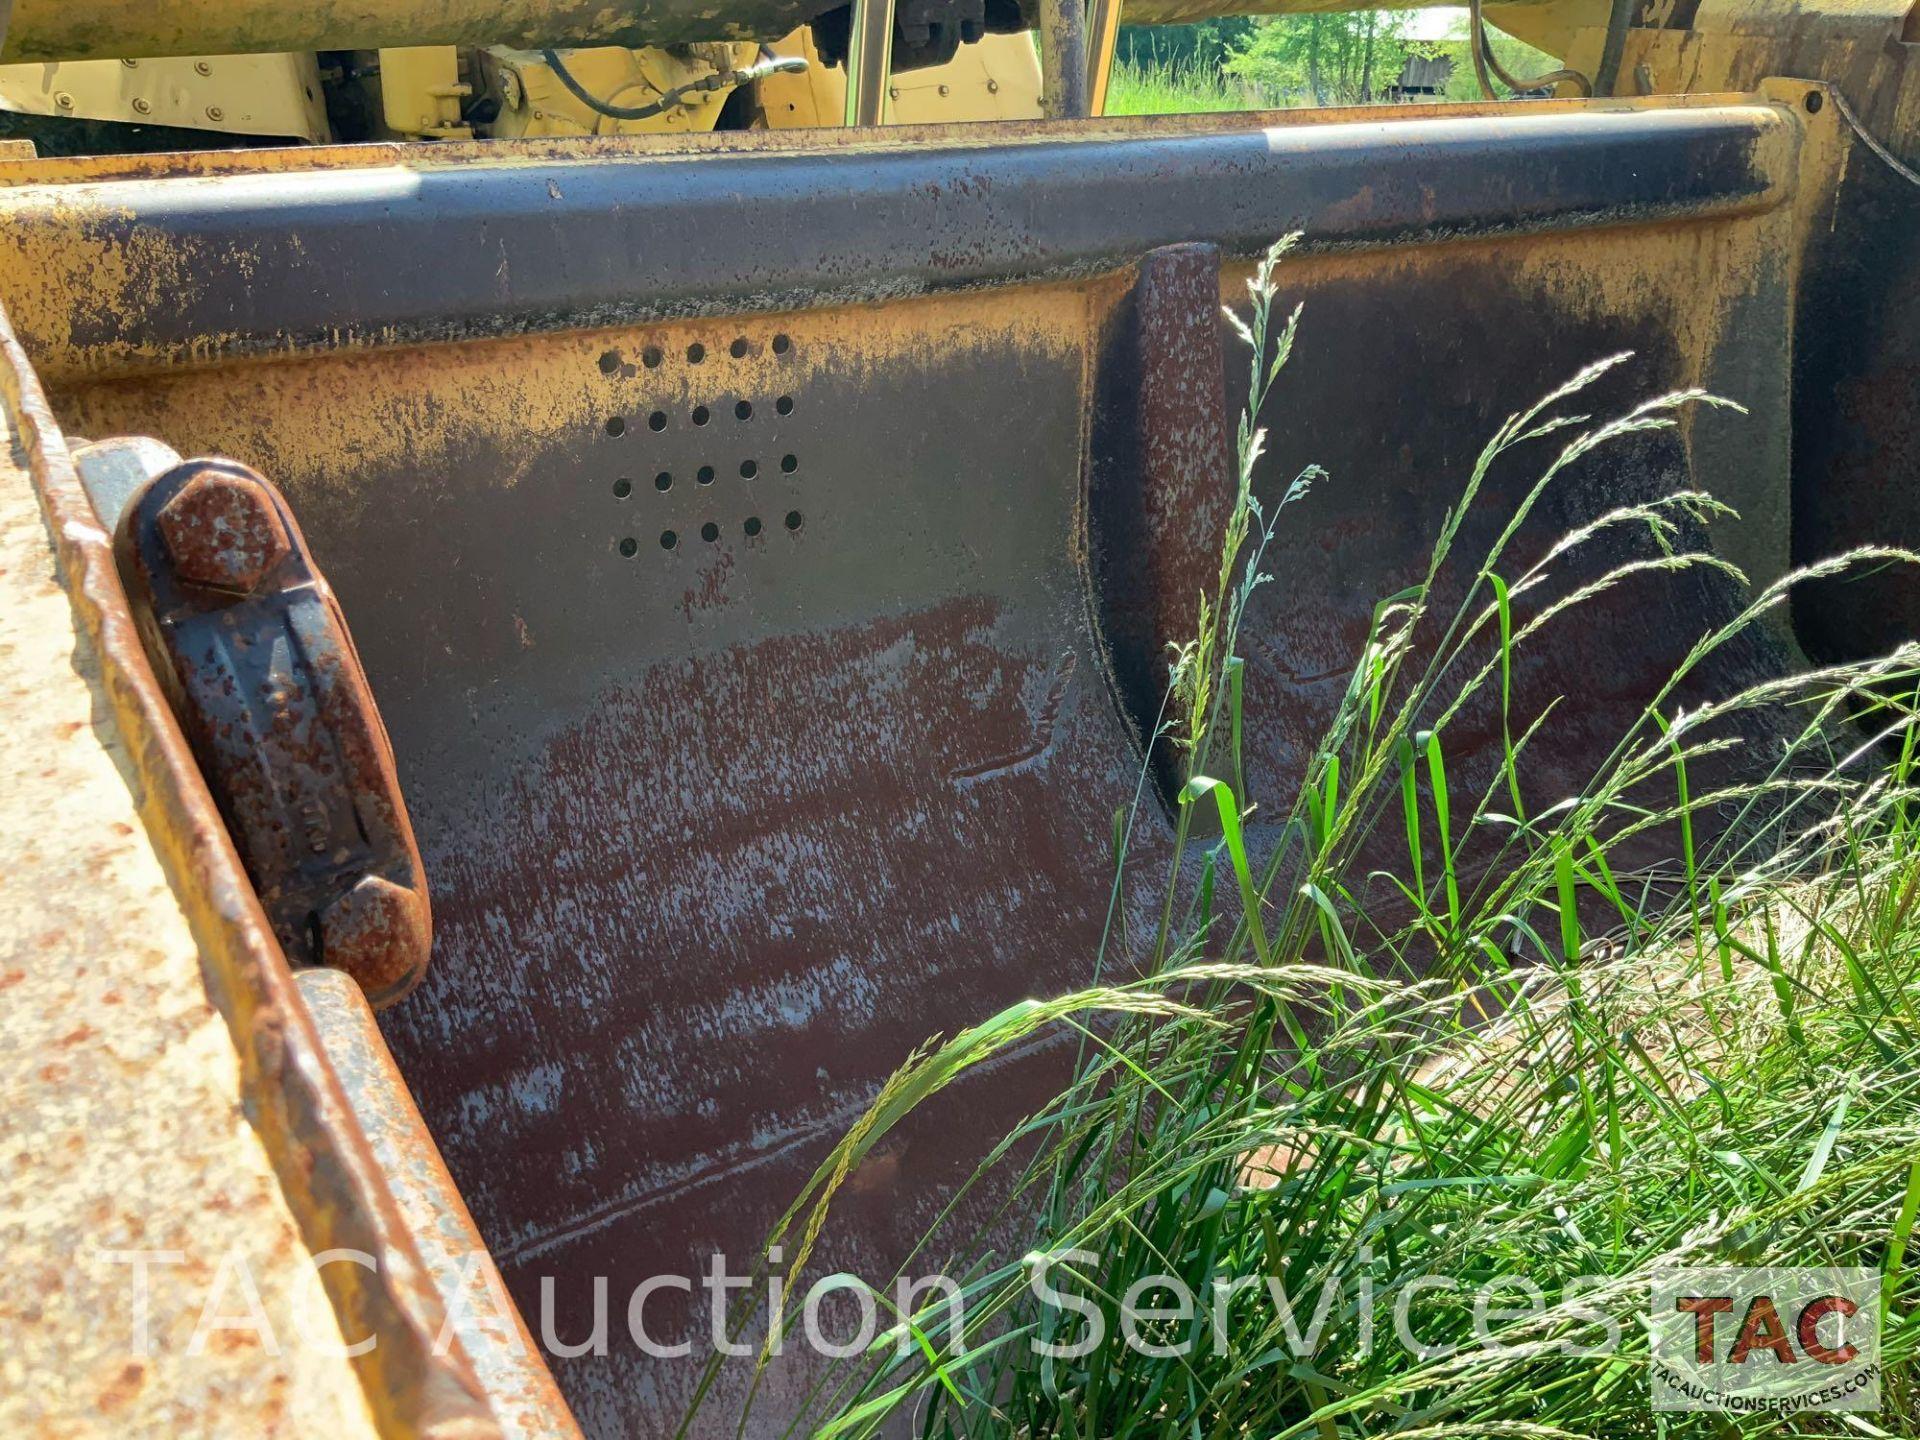 Cat 621B Pan / Scraper - Image 28 of 29